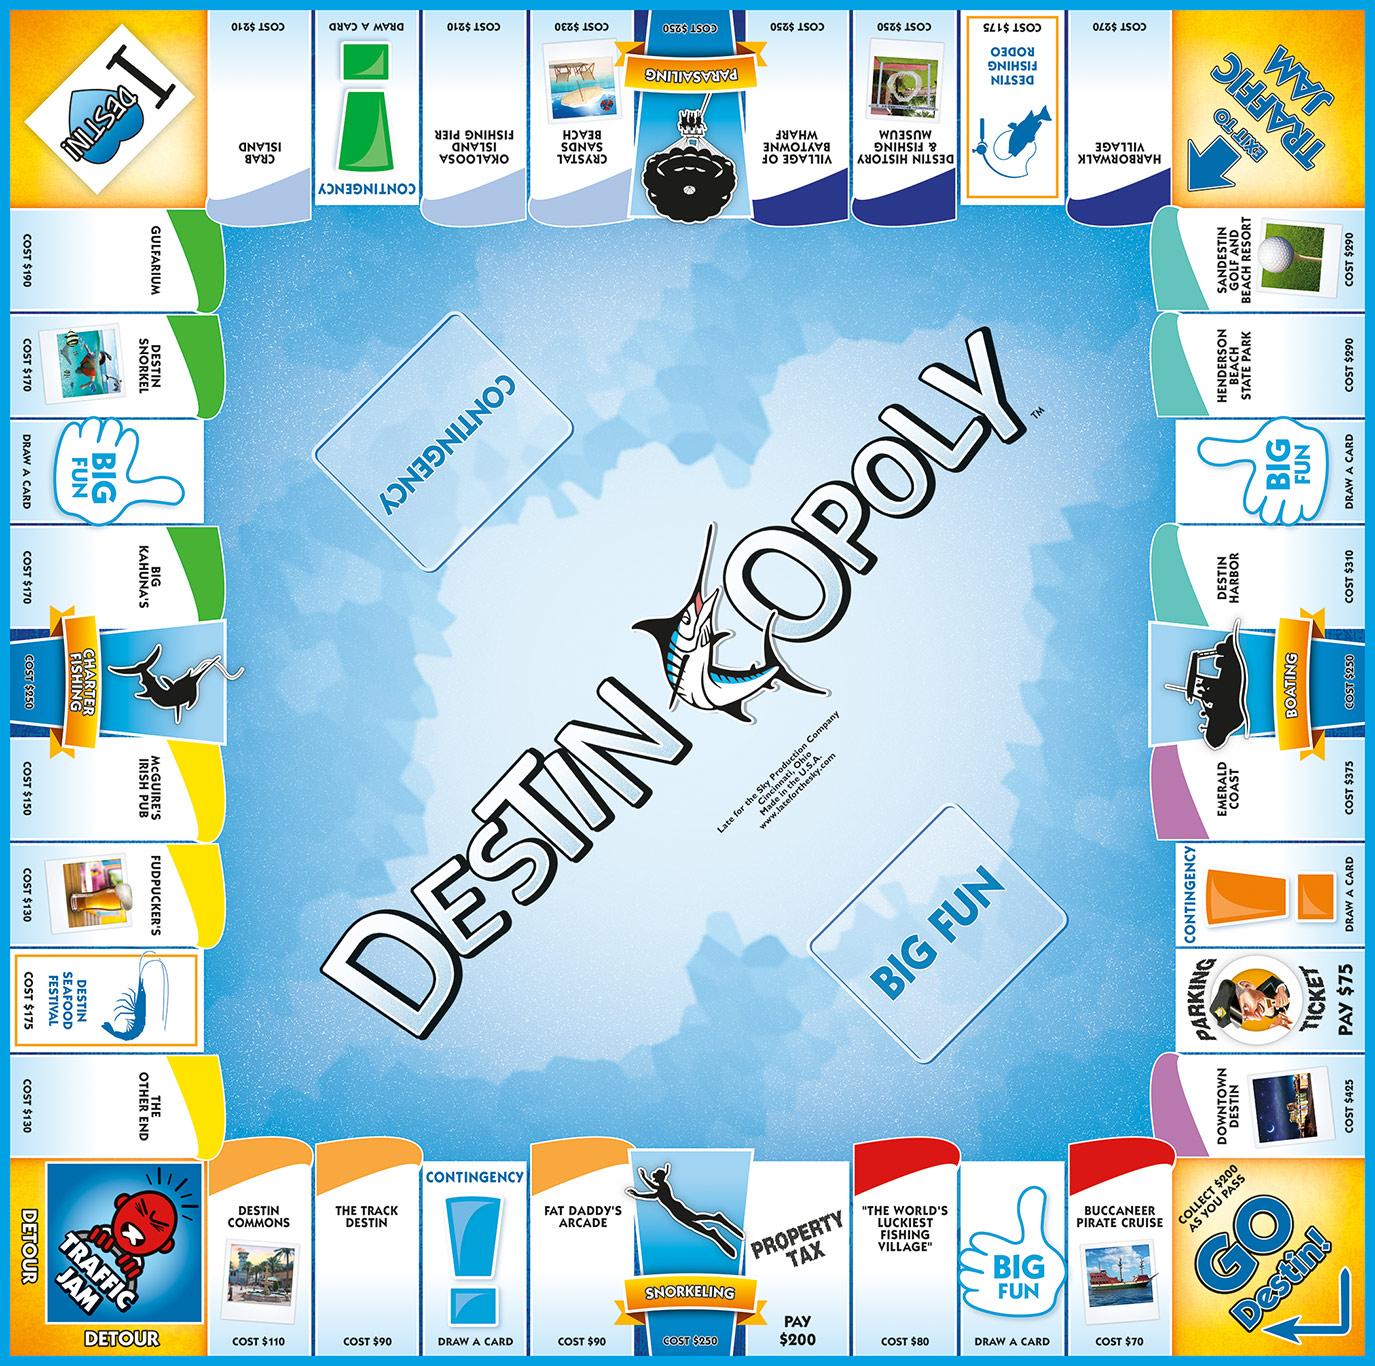 DESTIN-OPOLY Board Game